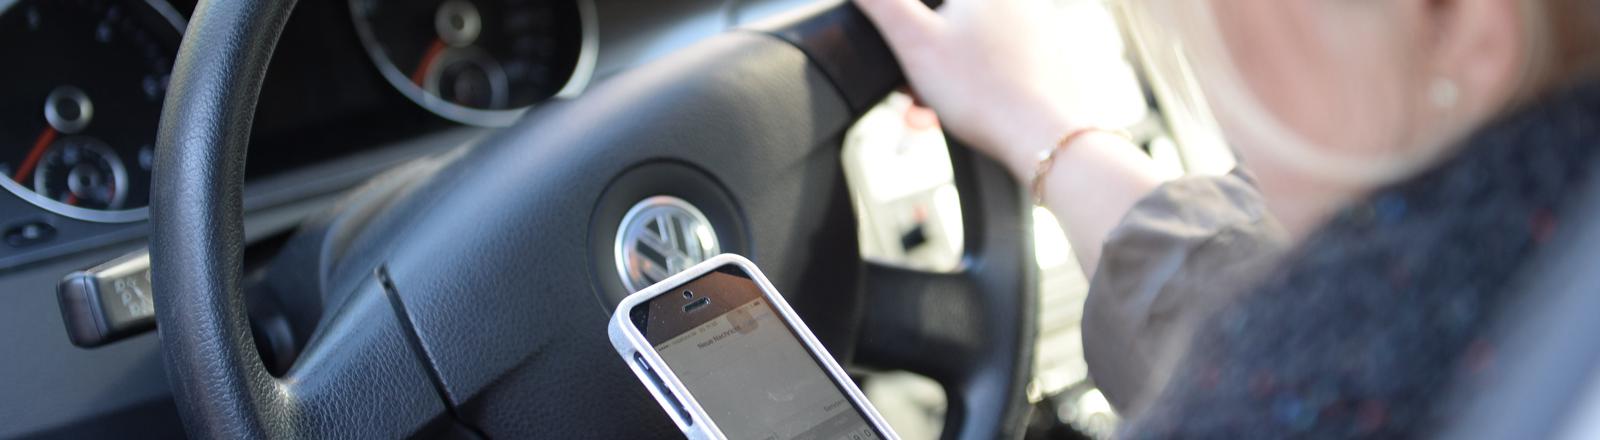 Eine Frau schaut im Auto auf ihr Smartphone